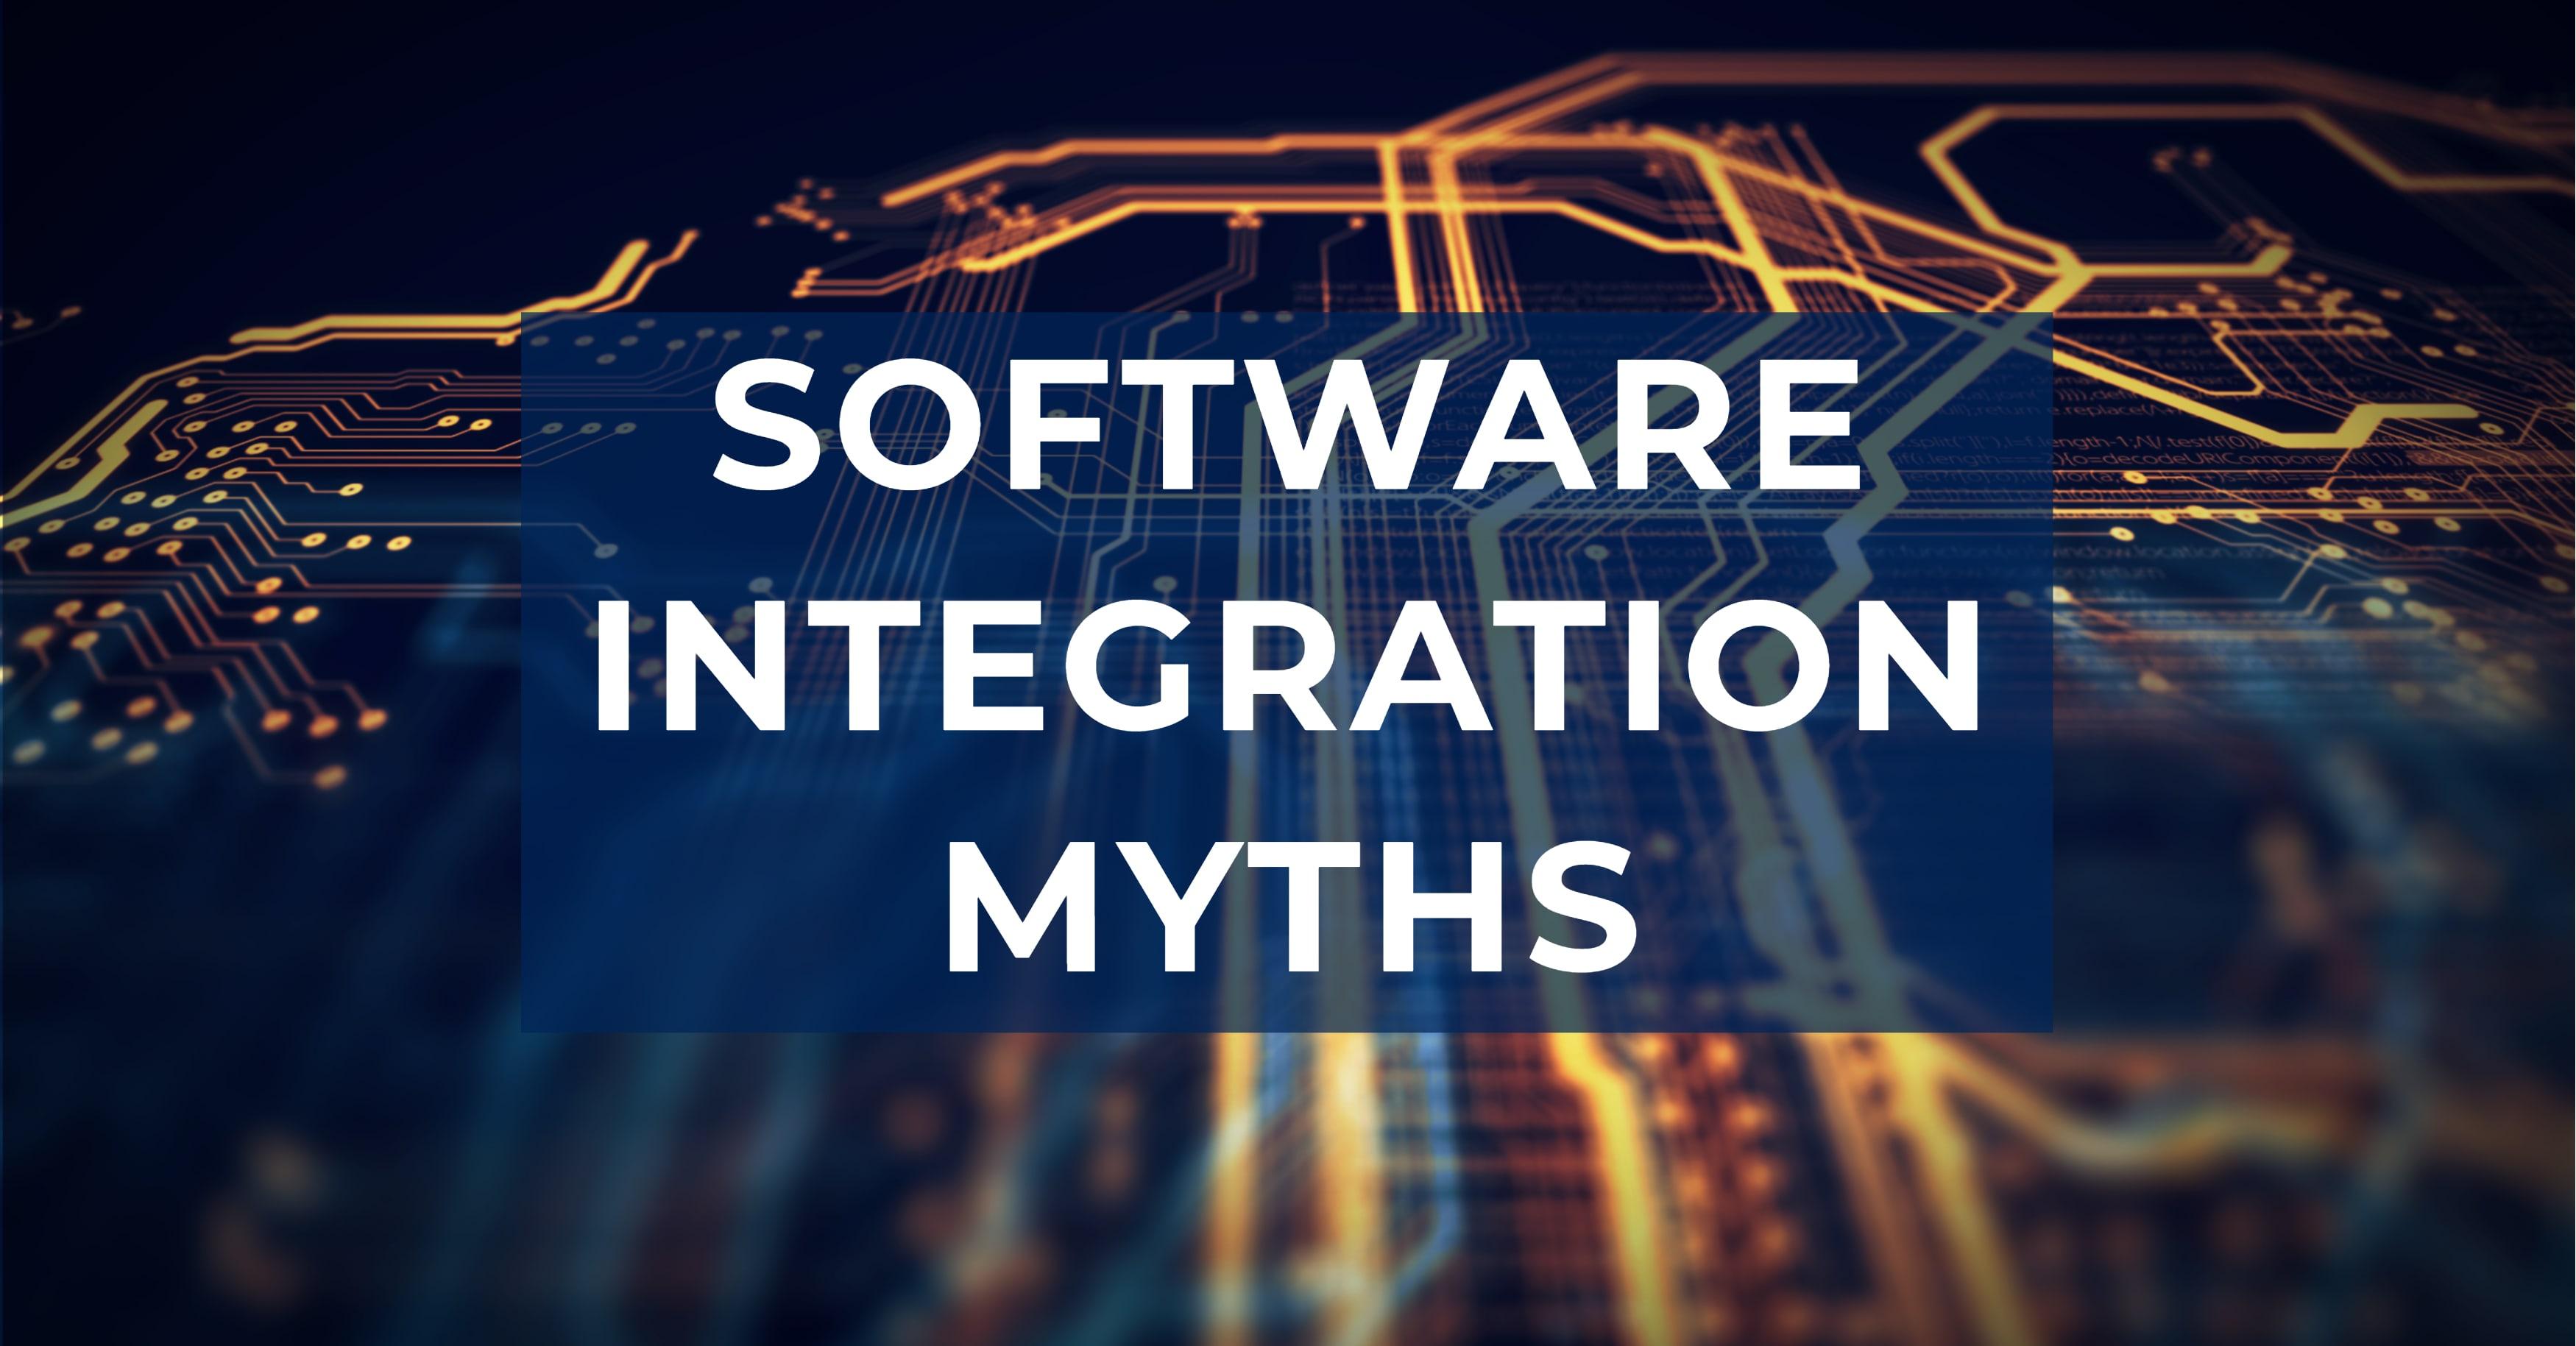 Software Integration Myths